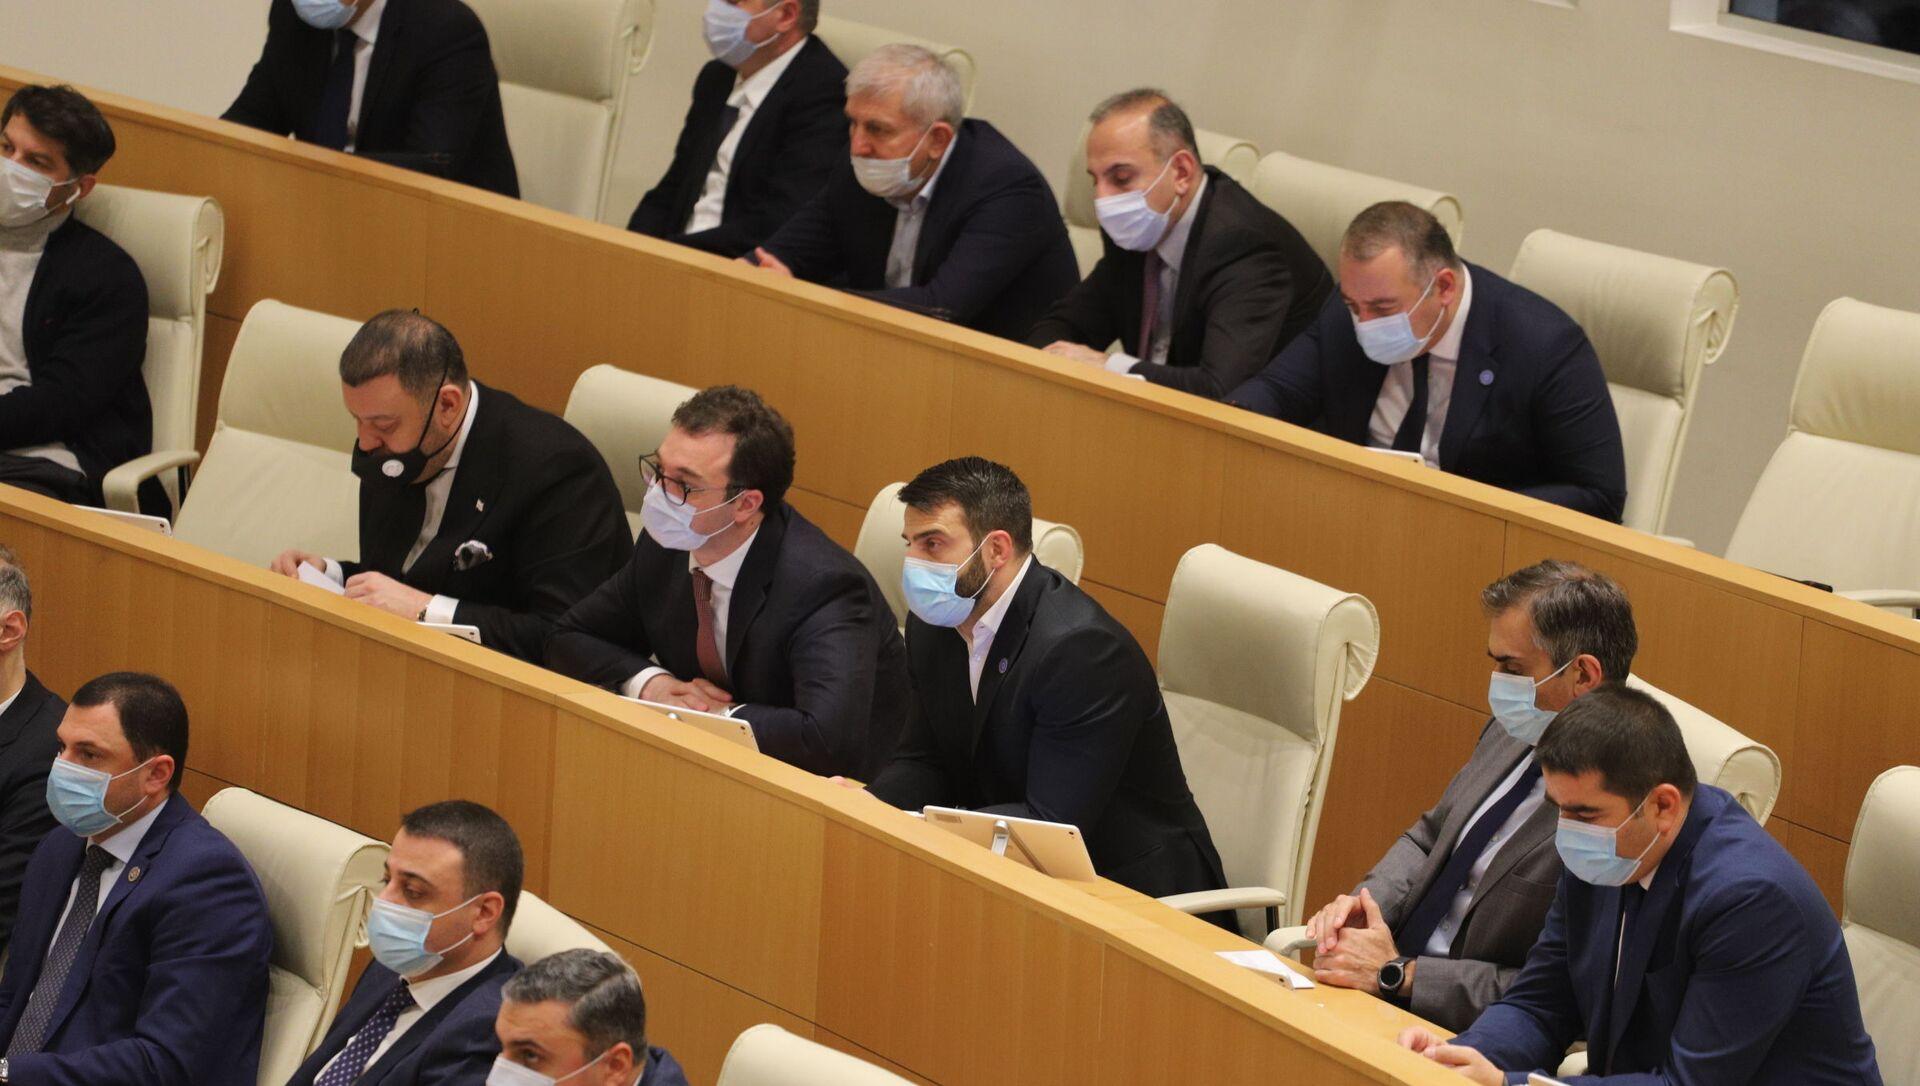 Депутаты. Заседание парламента Грузии 24 декабря 2020 год - Sputnik Грузия, 1920, 08.04.2021